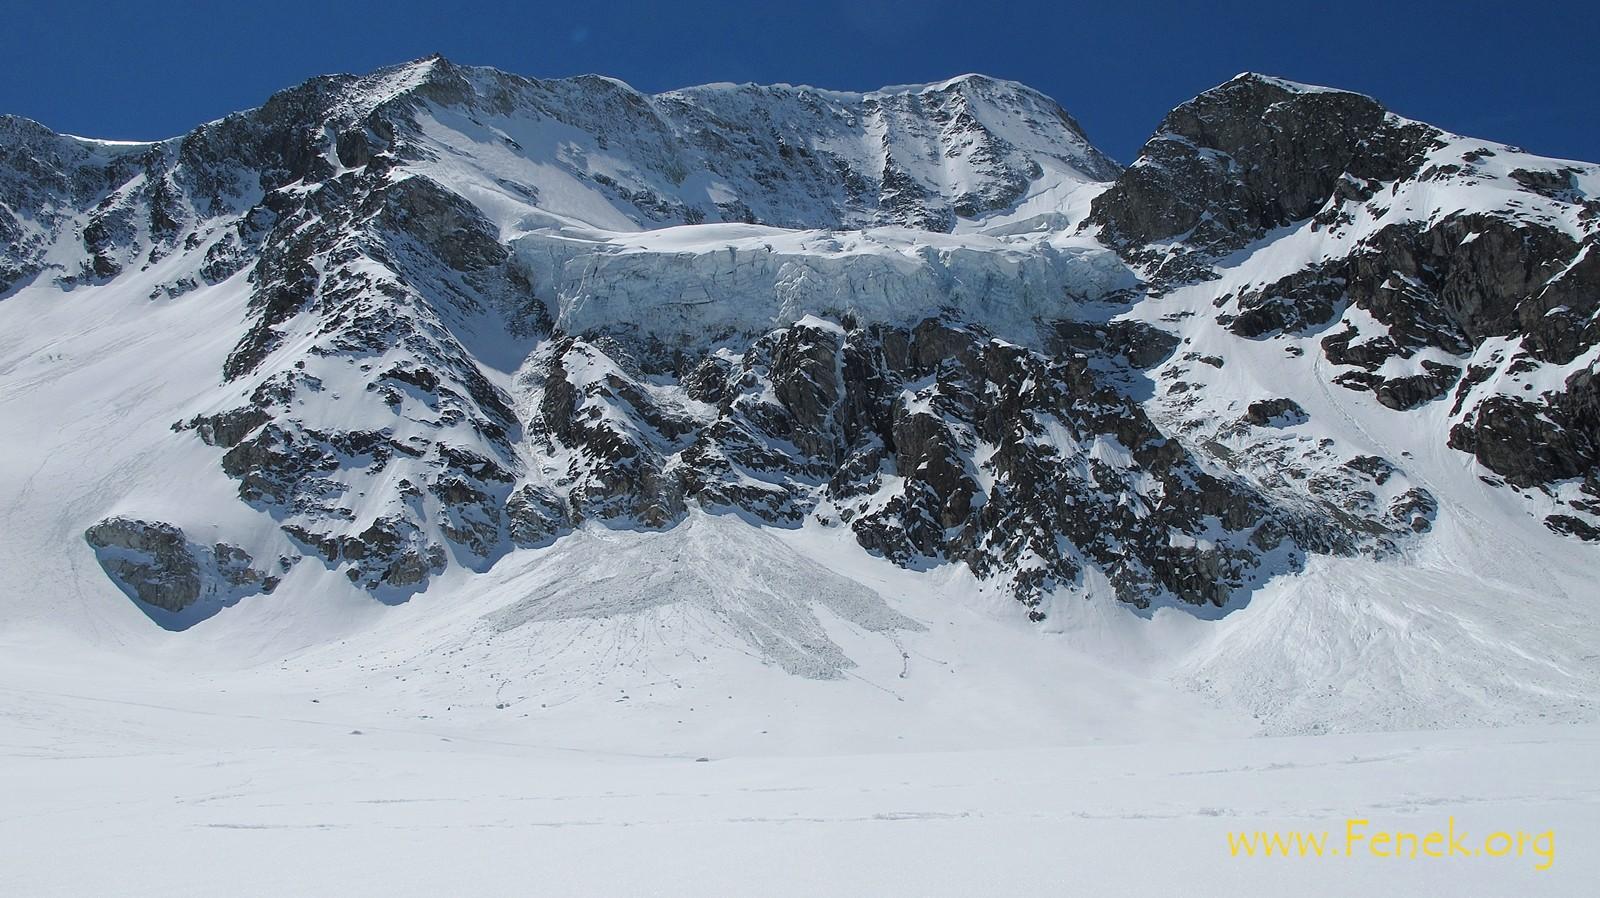 hoch über uns der Gipfel mit seinen Eisabbrüchen